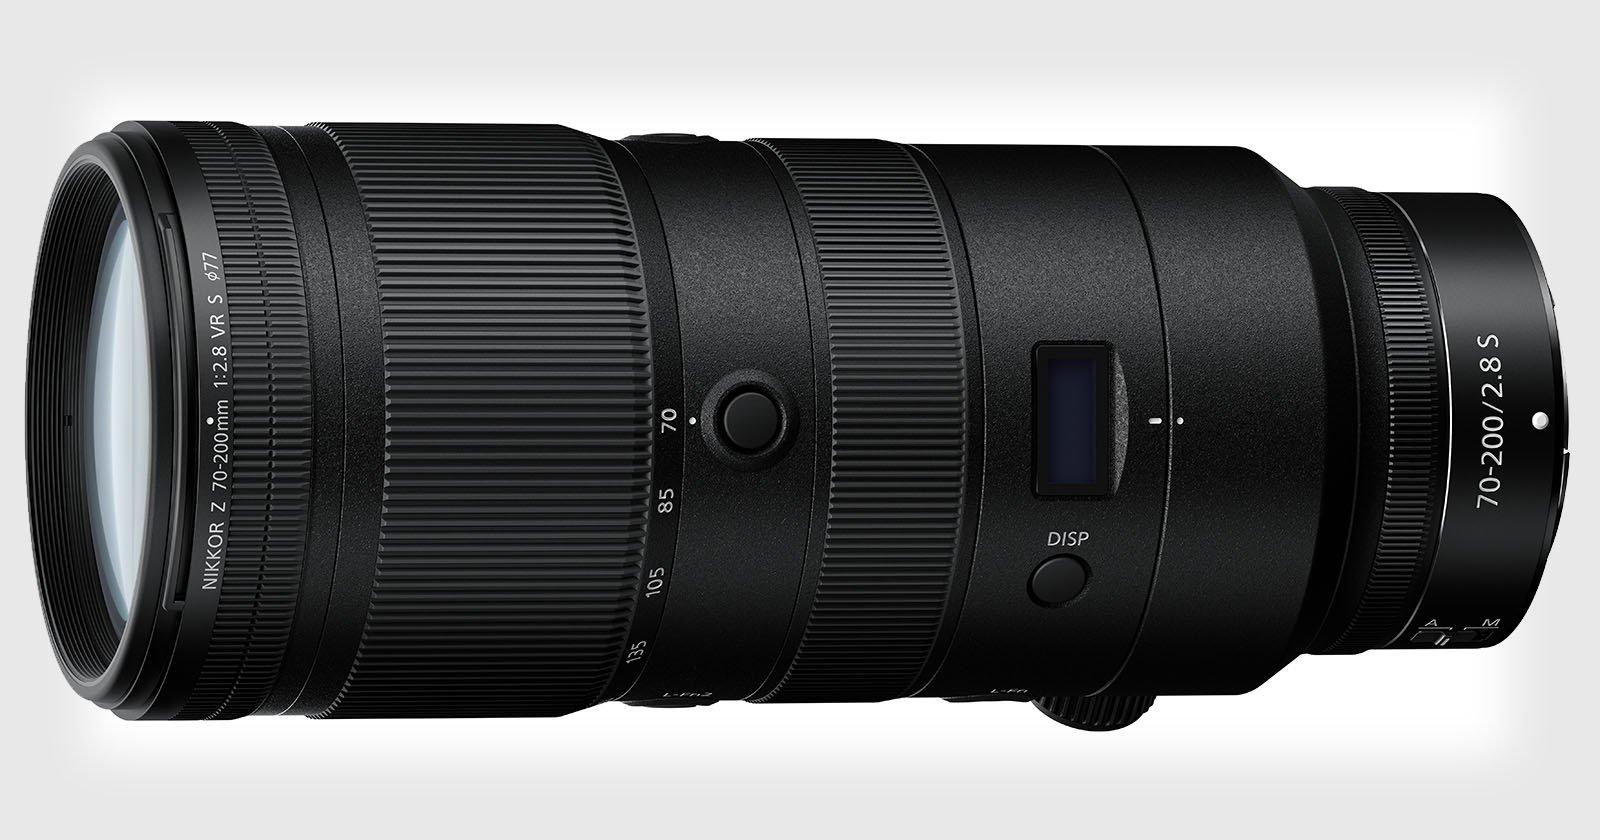 El nuevo Z 70-200mm f/2.8 VR S de Nikon es el primer lente FF Z estabilizado